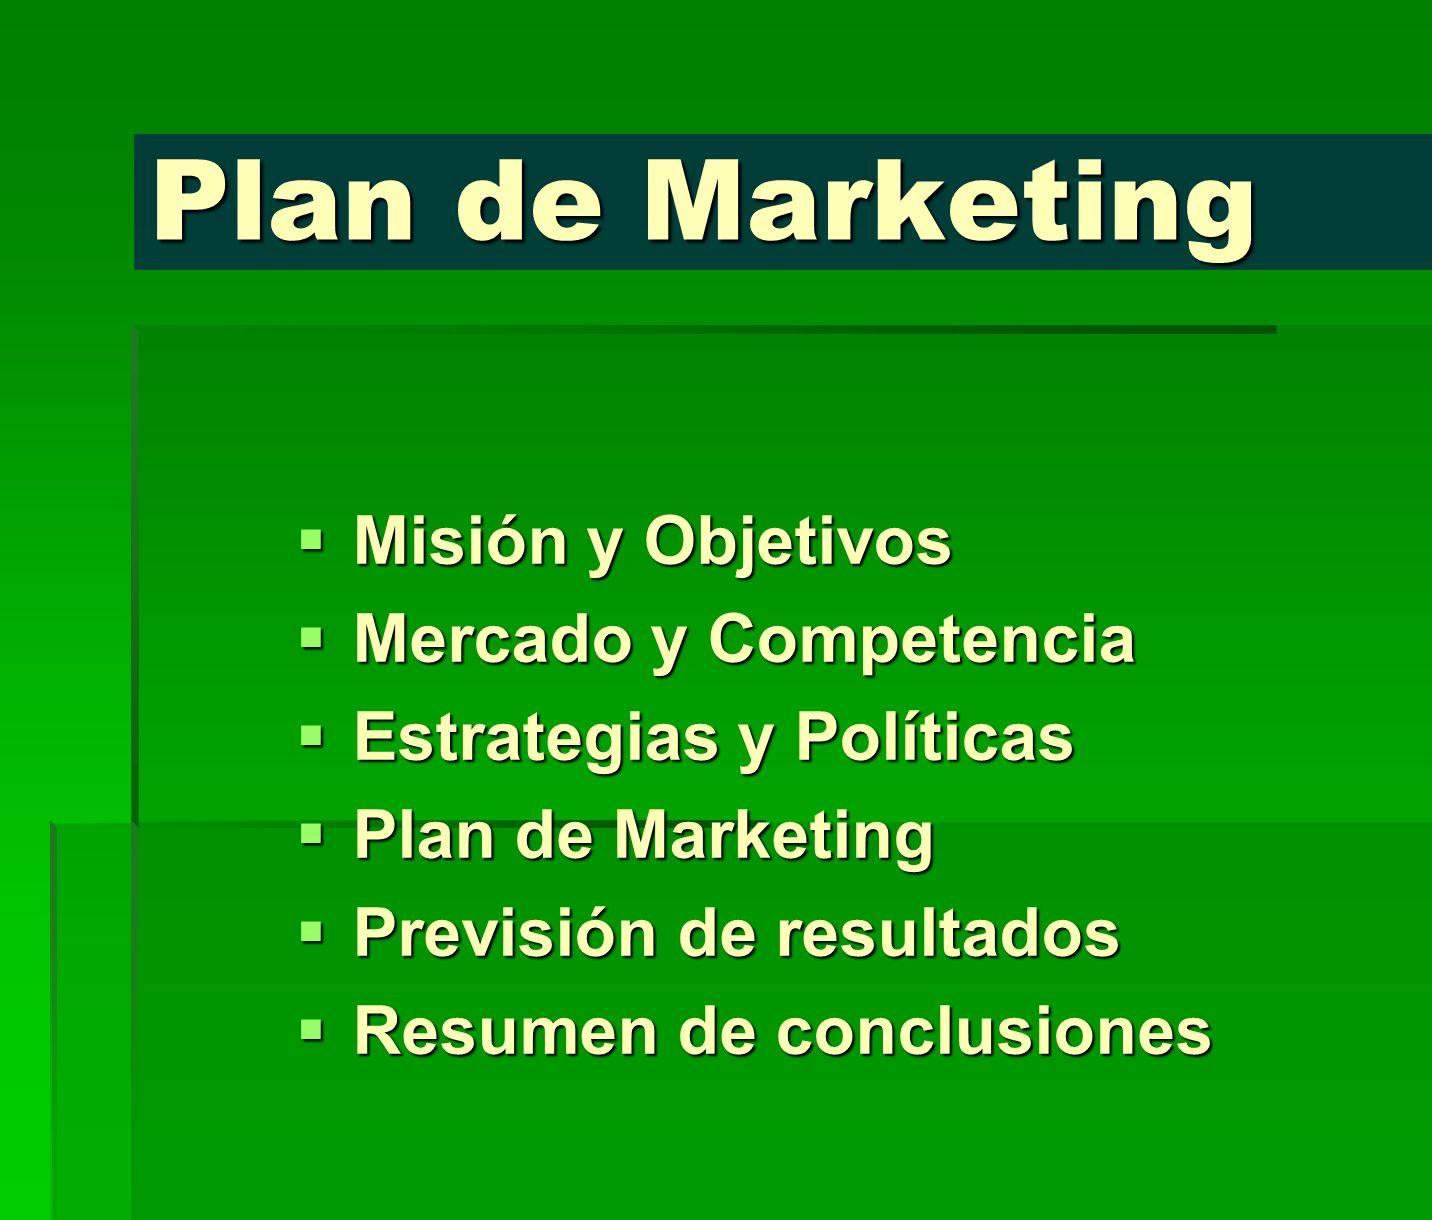 Plan de Marketing Misión y Objetivos Misión y Objetivos Mercado y Competencia Mercado y Competencia Estrategias y Políticas Estrategias y Políticas Pl